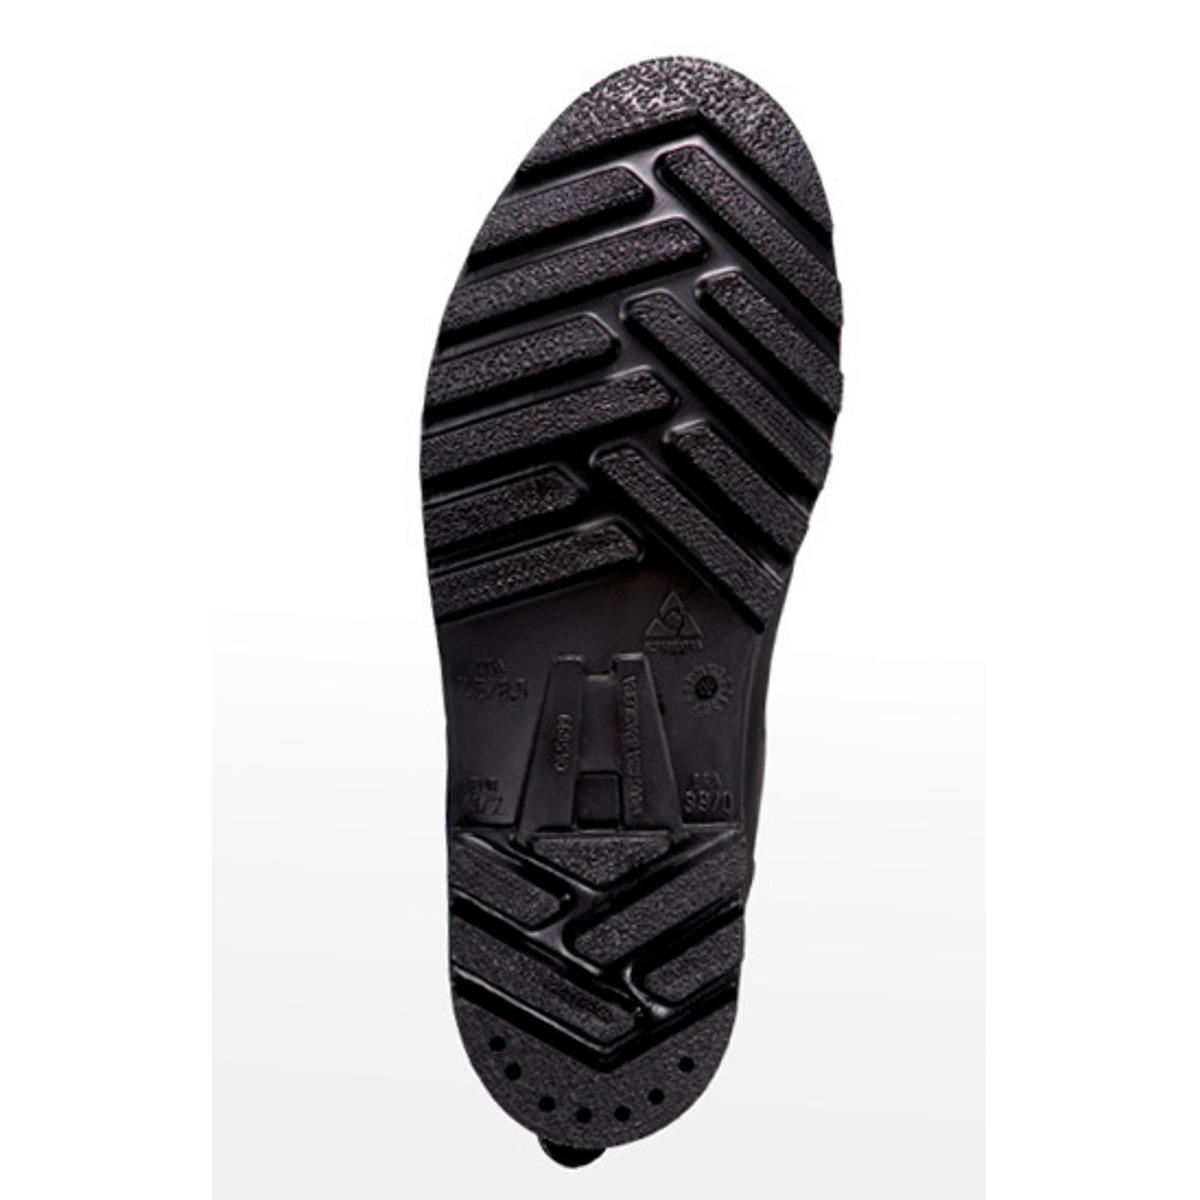 a5ff620a182 bota de pvc 7 léguas alpargatas cano extra curto preta 38. Carregando zoom.